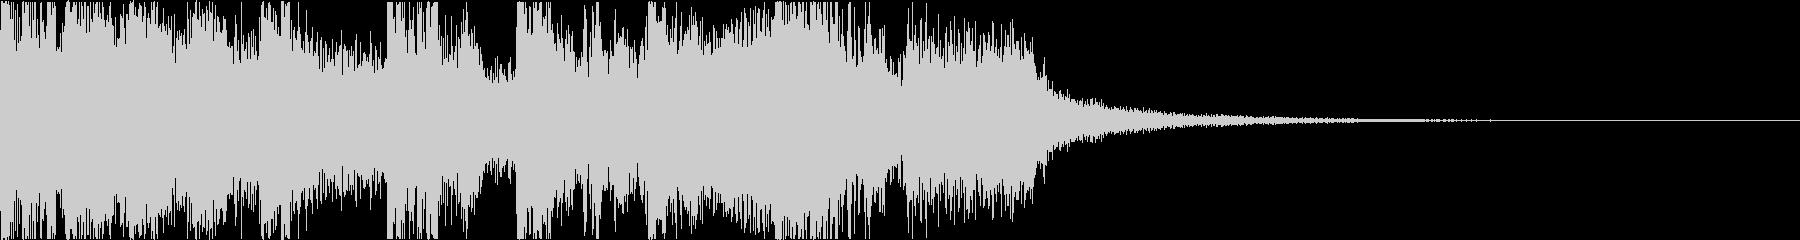 三味線・箏・尺八・和太鼓・ジングル04の未再生の波形